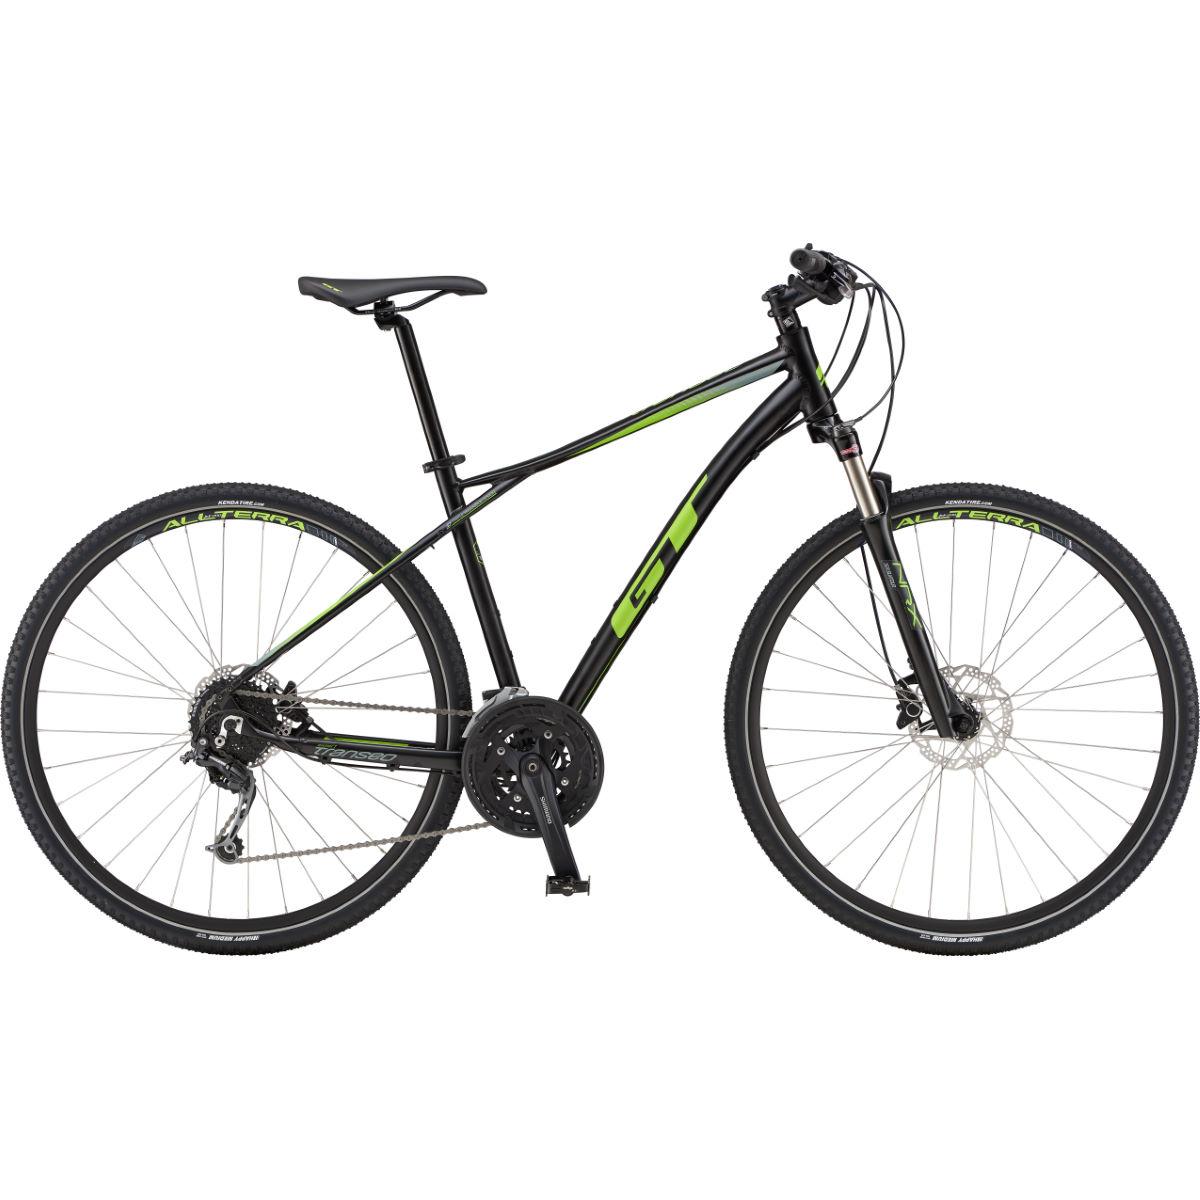 GT Transeo Expert 2019 Bikes